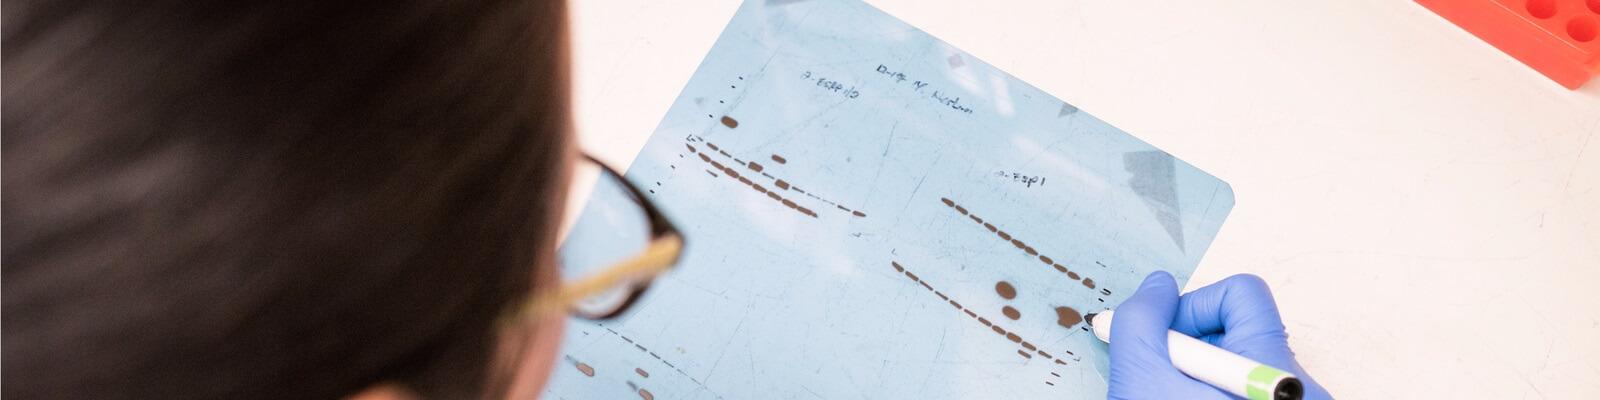 western blot, anticuerpos, electroforesis, revelado, análisis, proteína